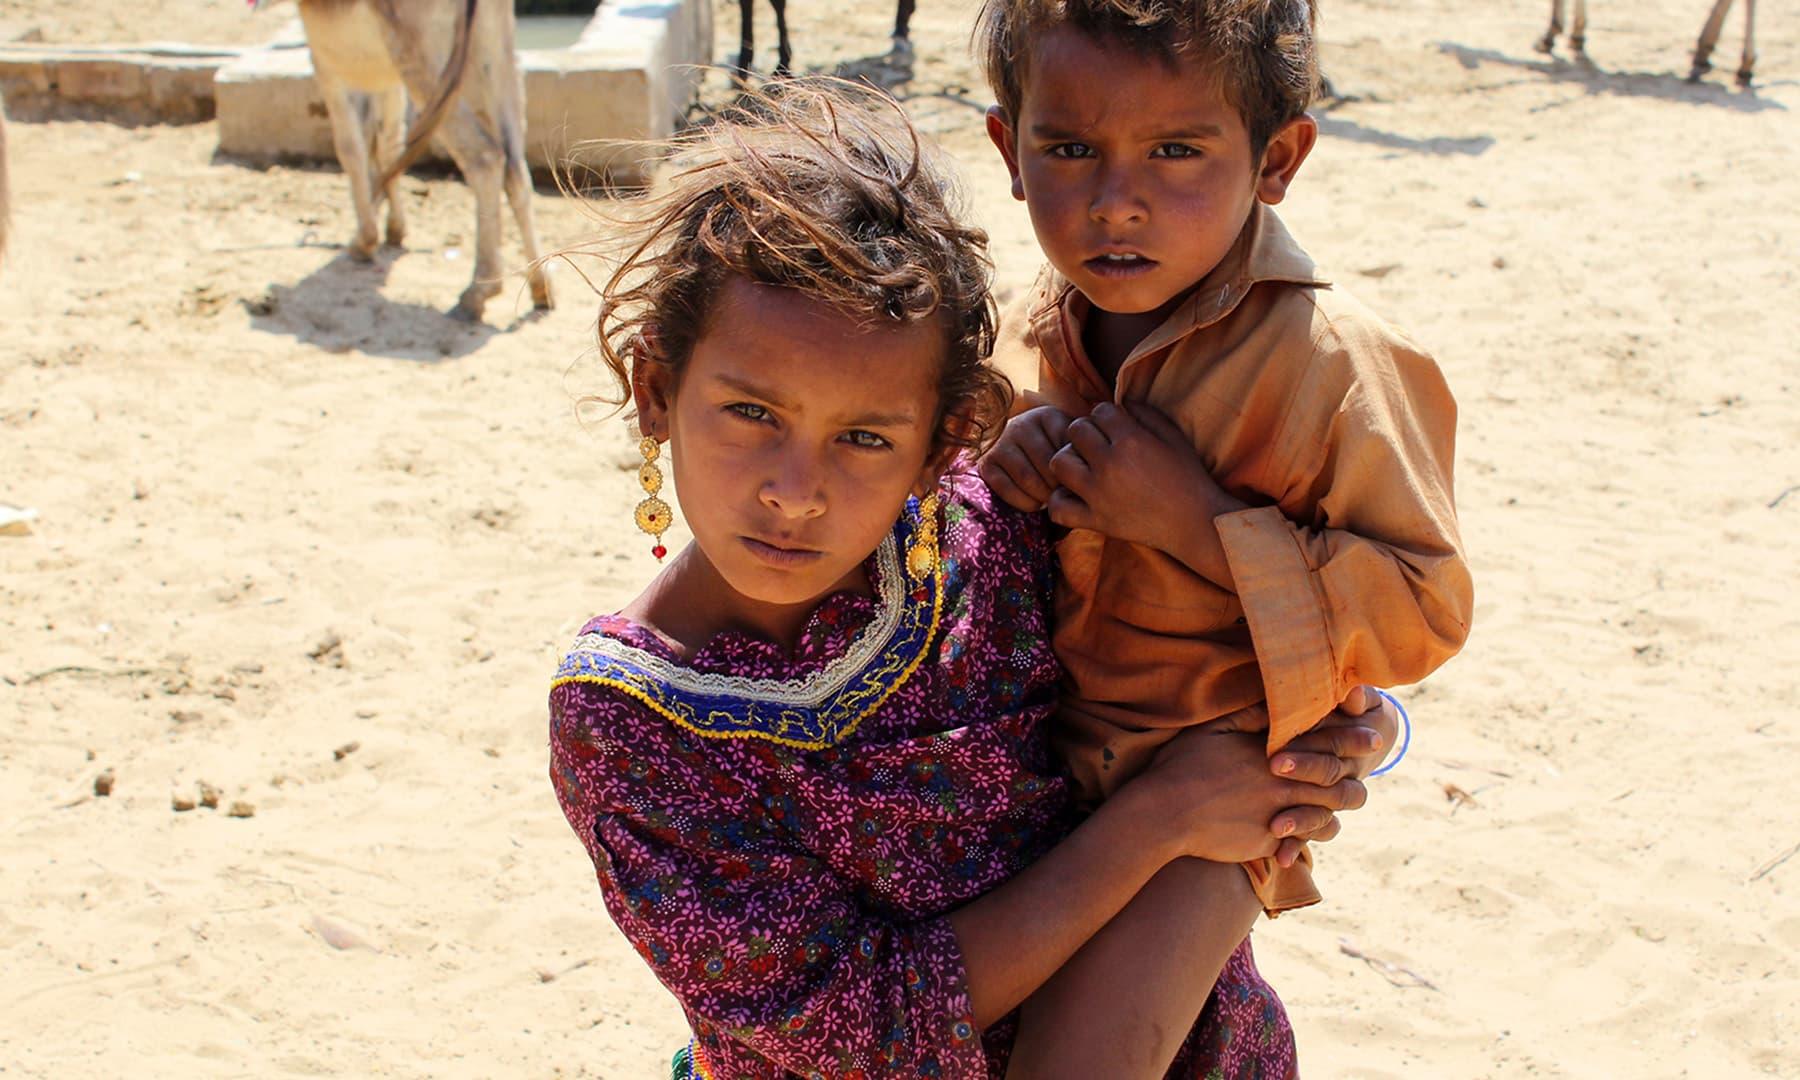 تھر میں چھوٹی بچیاں بھی گھر کی دیکھ بھال میں مدد کرتی ہیں۔— فوٹو اختر حفیظ۔